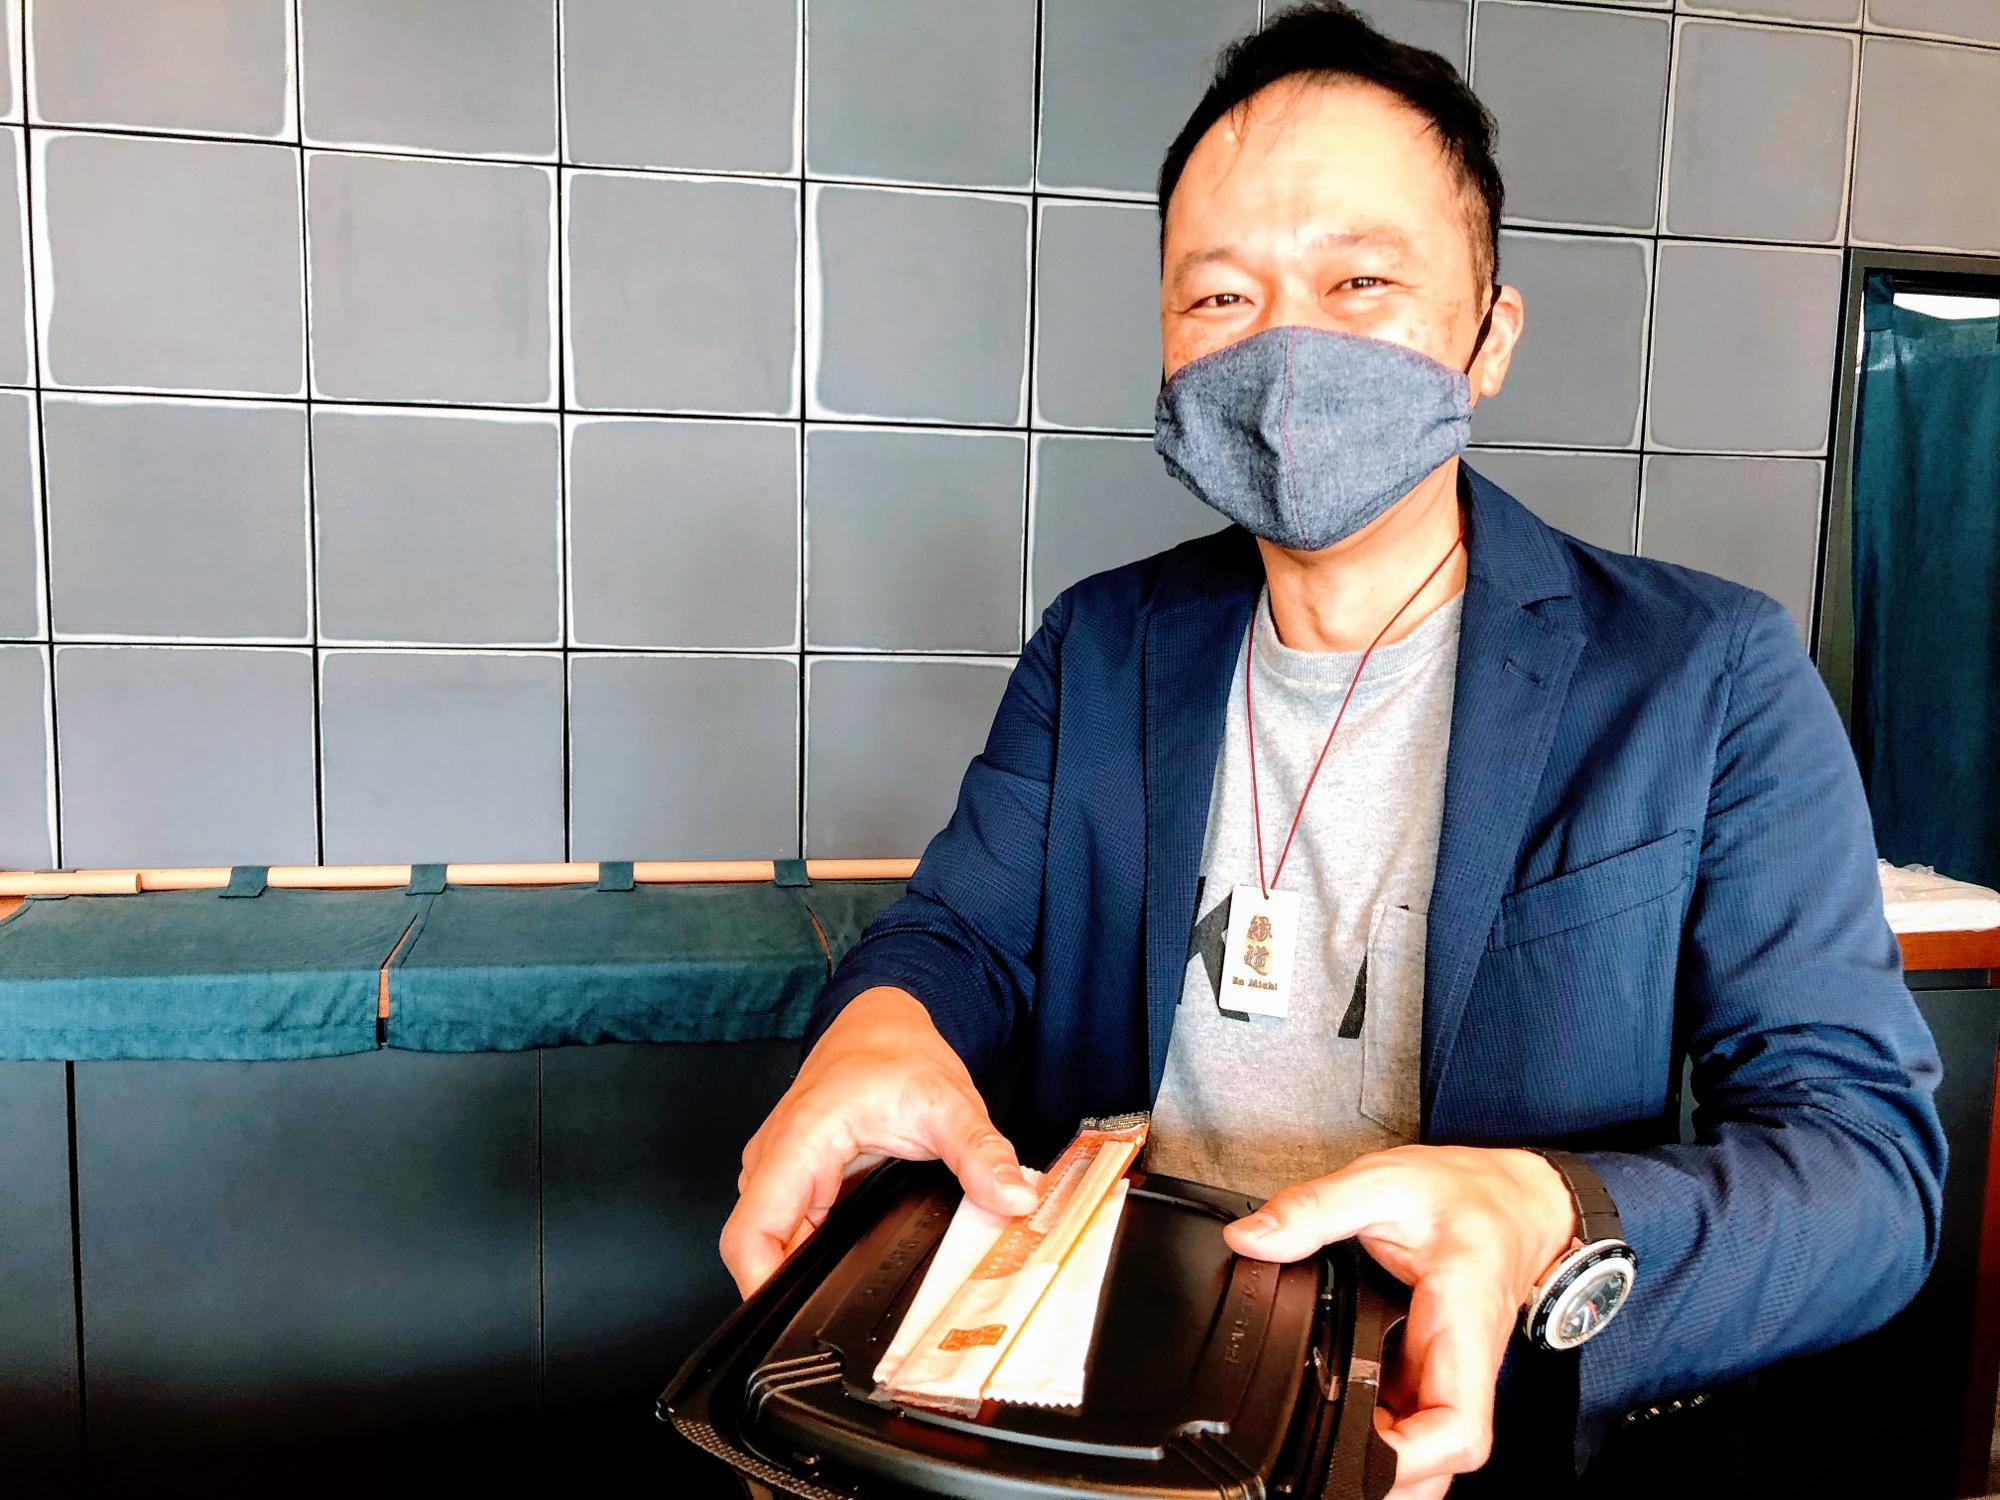 ホテル縁道の支配人・吉岡明治さん